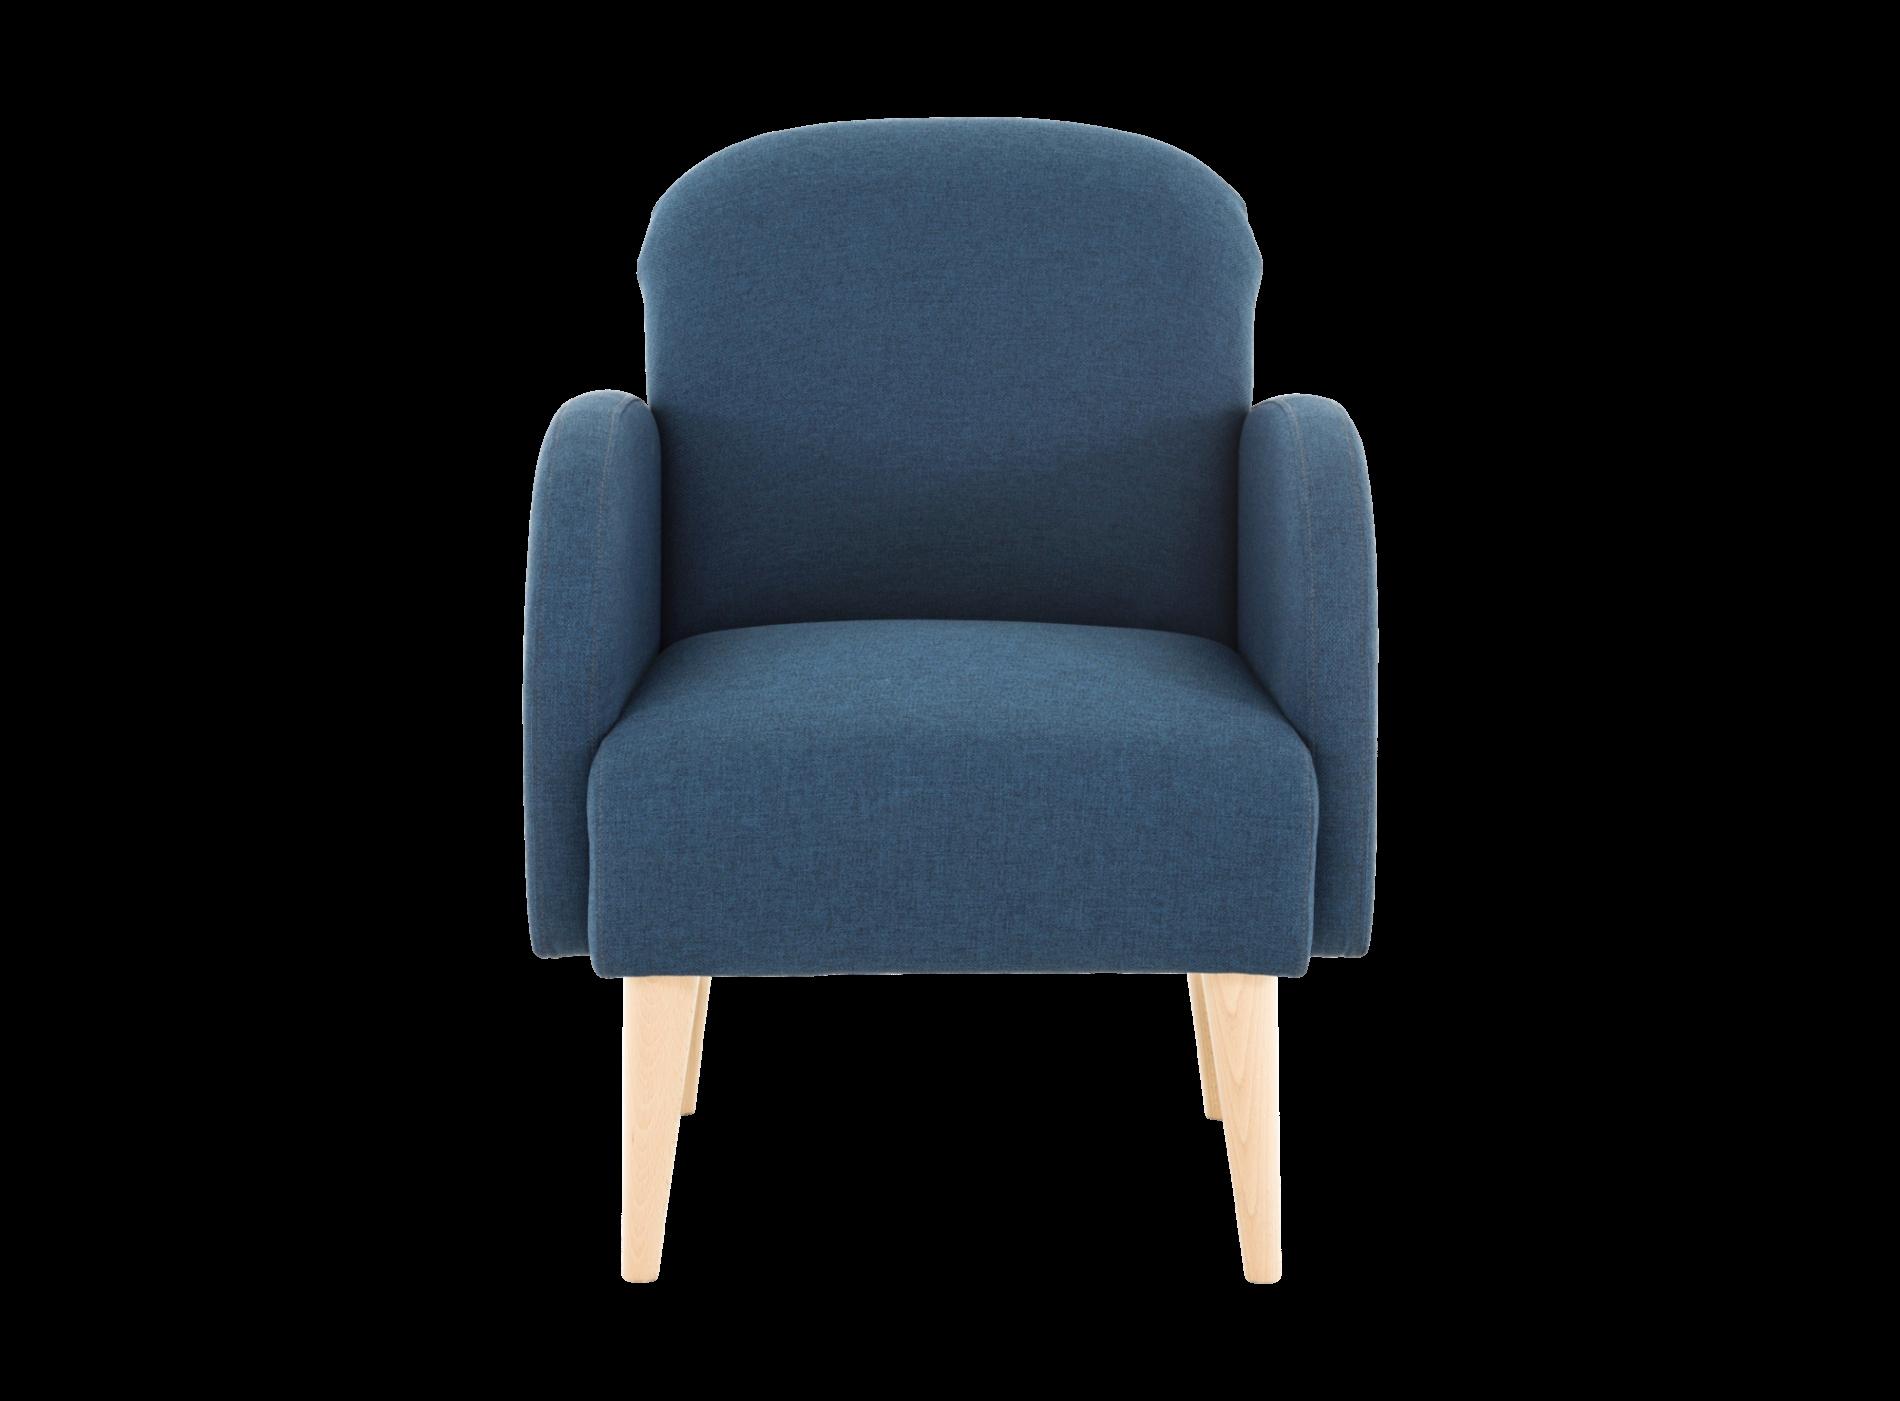 fauteuil bleu scandinave luxe chaise vintage tissu fauteuil de table tissu frais fauteuil salon 0d of fauteuil bleu scandinave